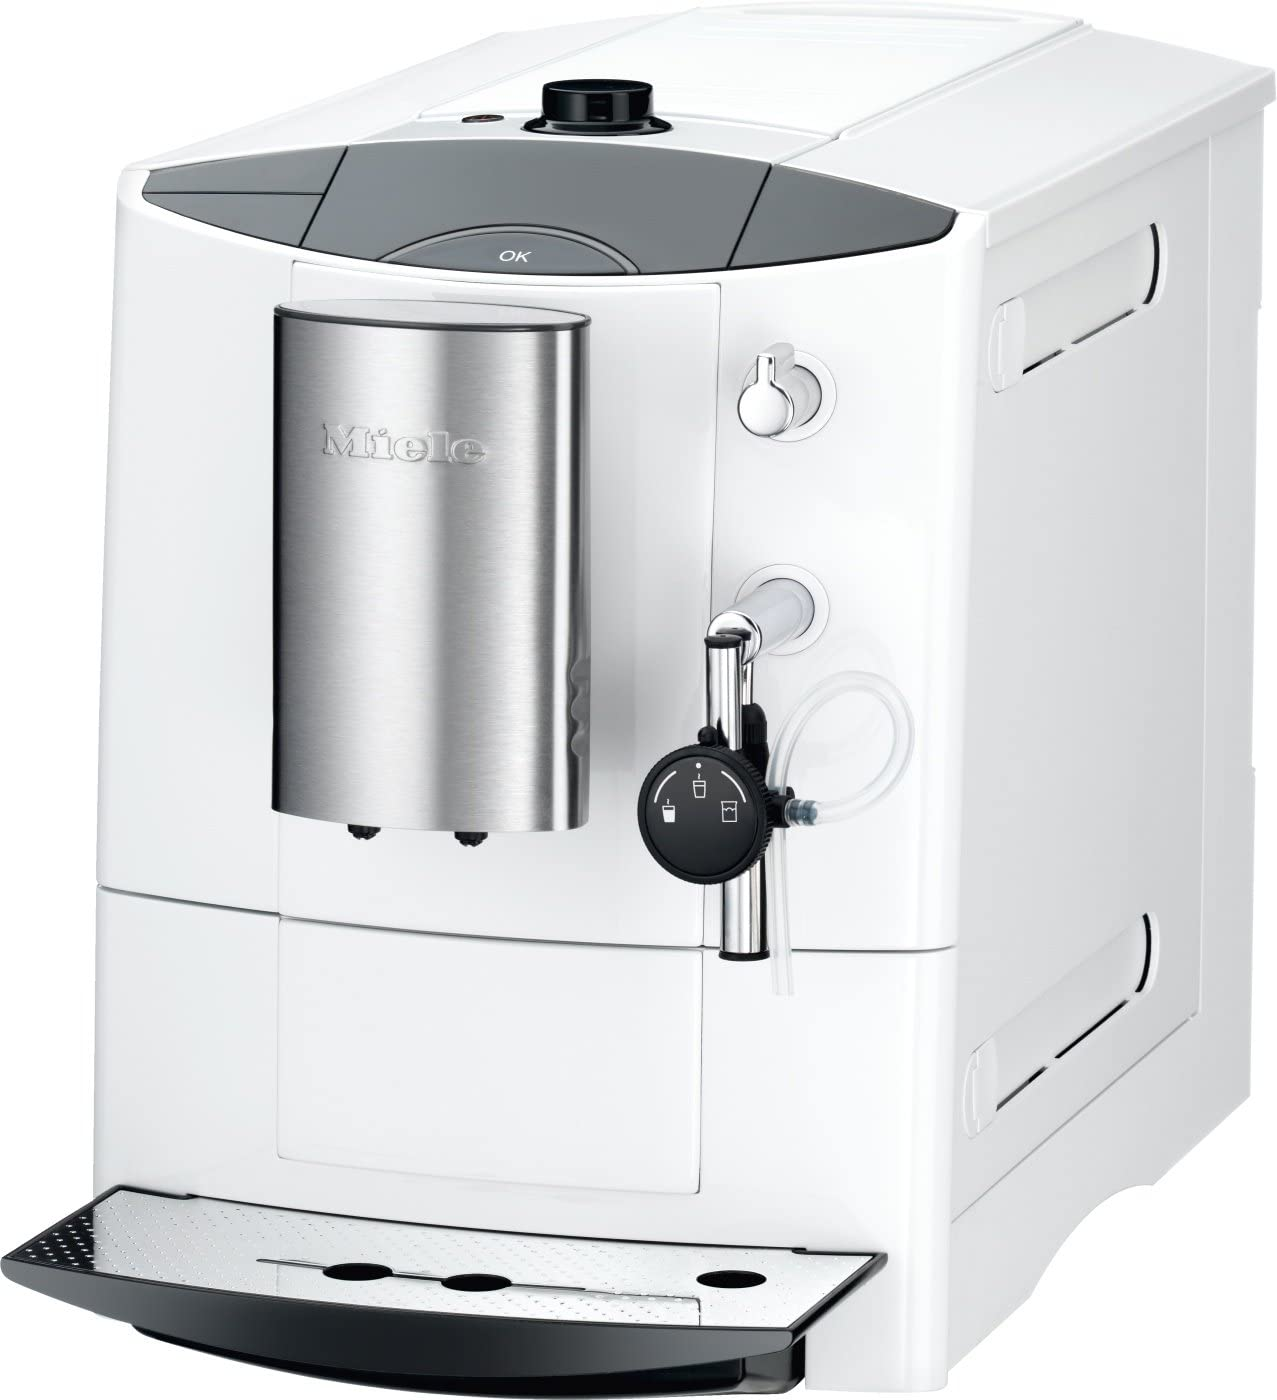 Miele CM 5200 - Cafetera (Color blanco, Goteo, Granos de café, Americano, Capuchino, Café expreso, 1.8L, 26.6 cm): Amazon.es: Hogar